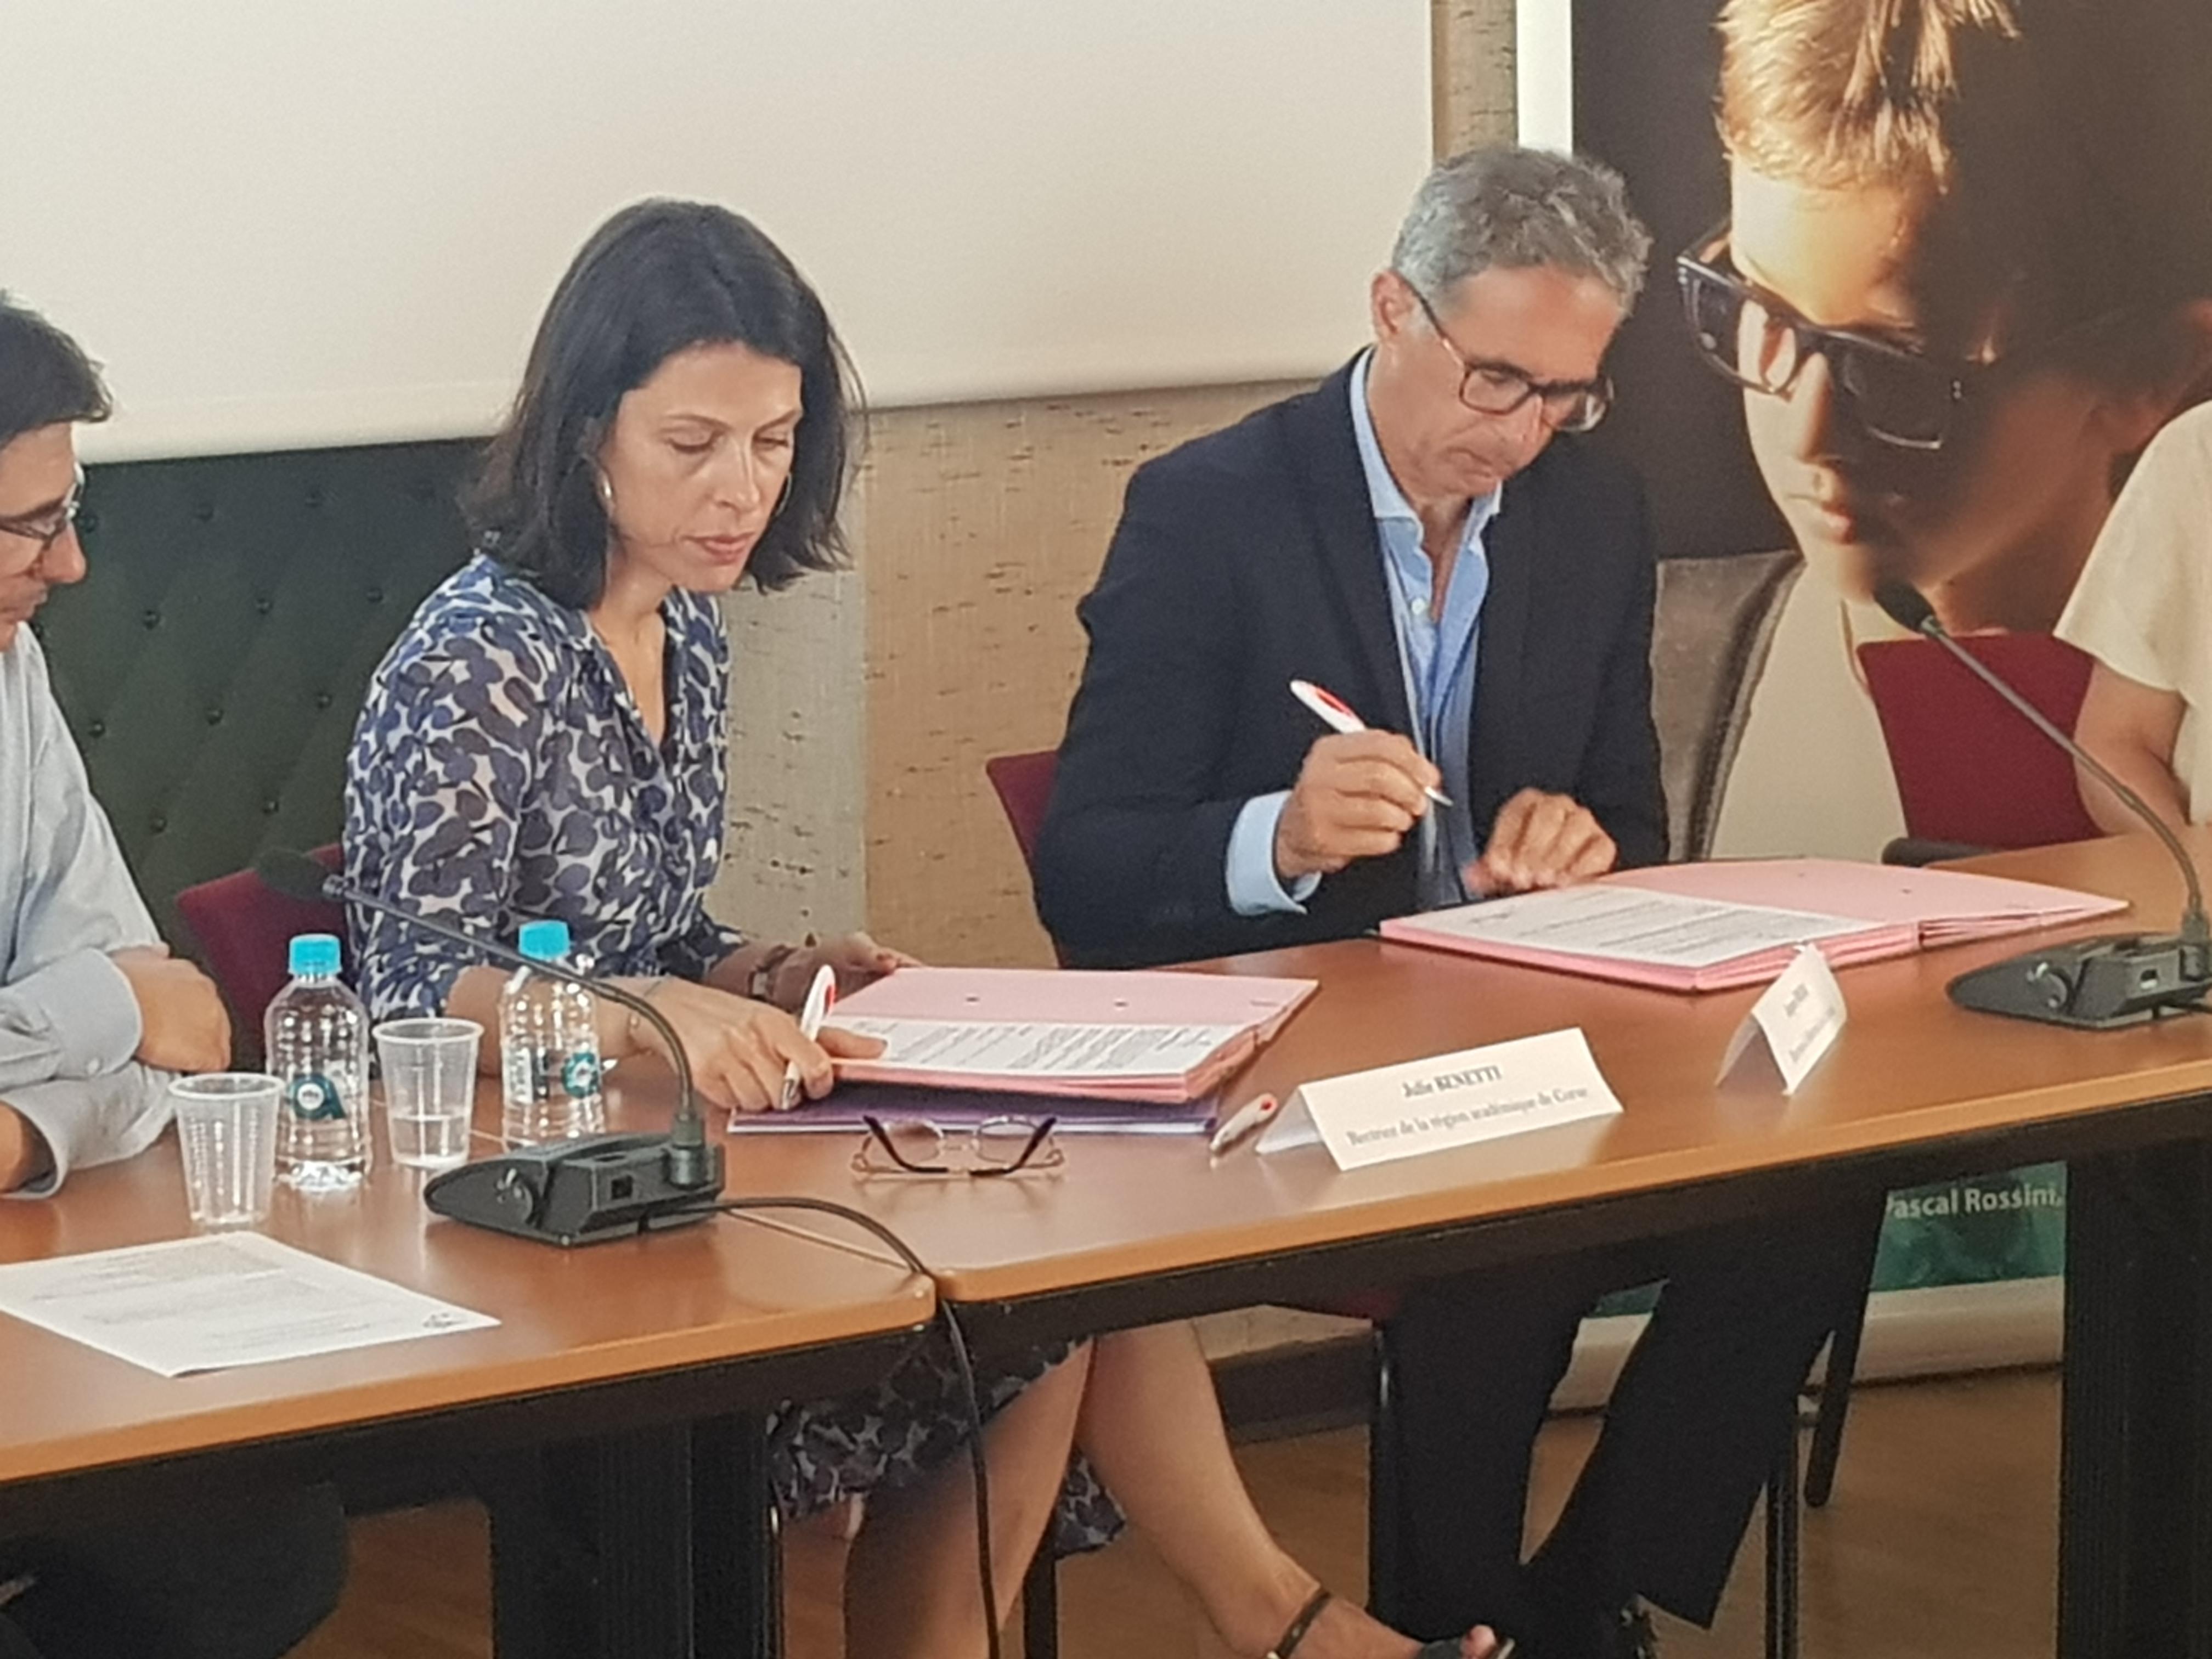 L'académie de Corse et le Mémorial de la Shoah pérennisent leur partenariat